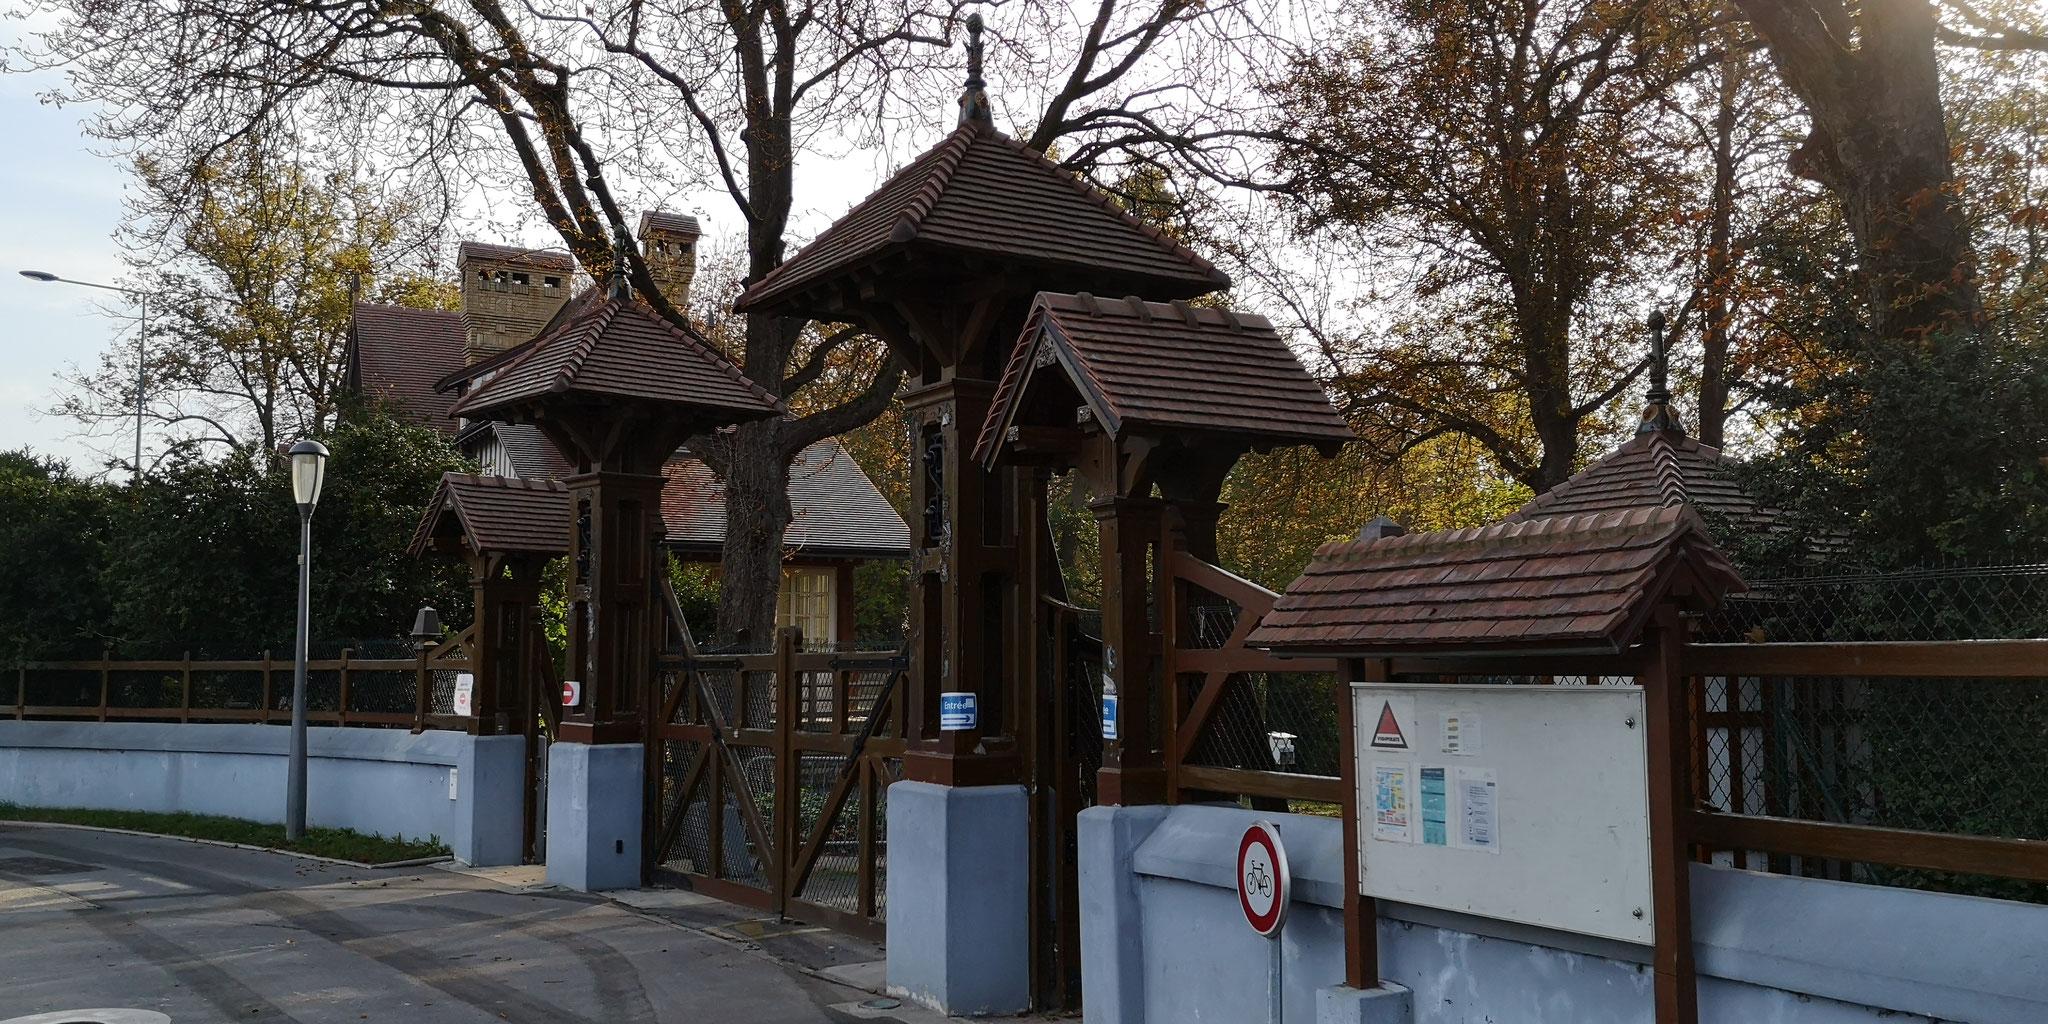 L'entrée du parc de Champagne